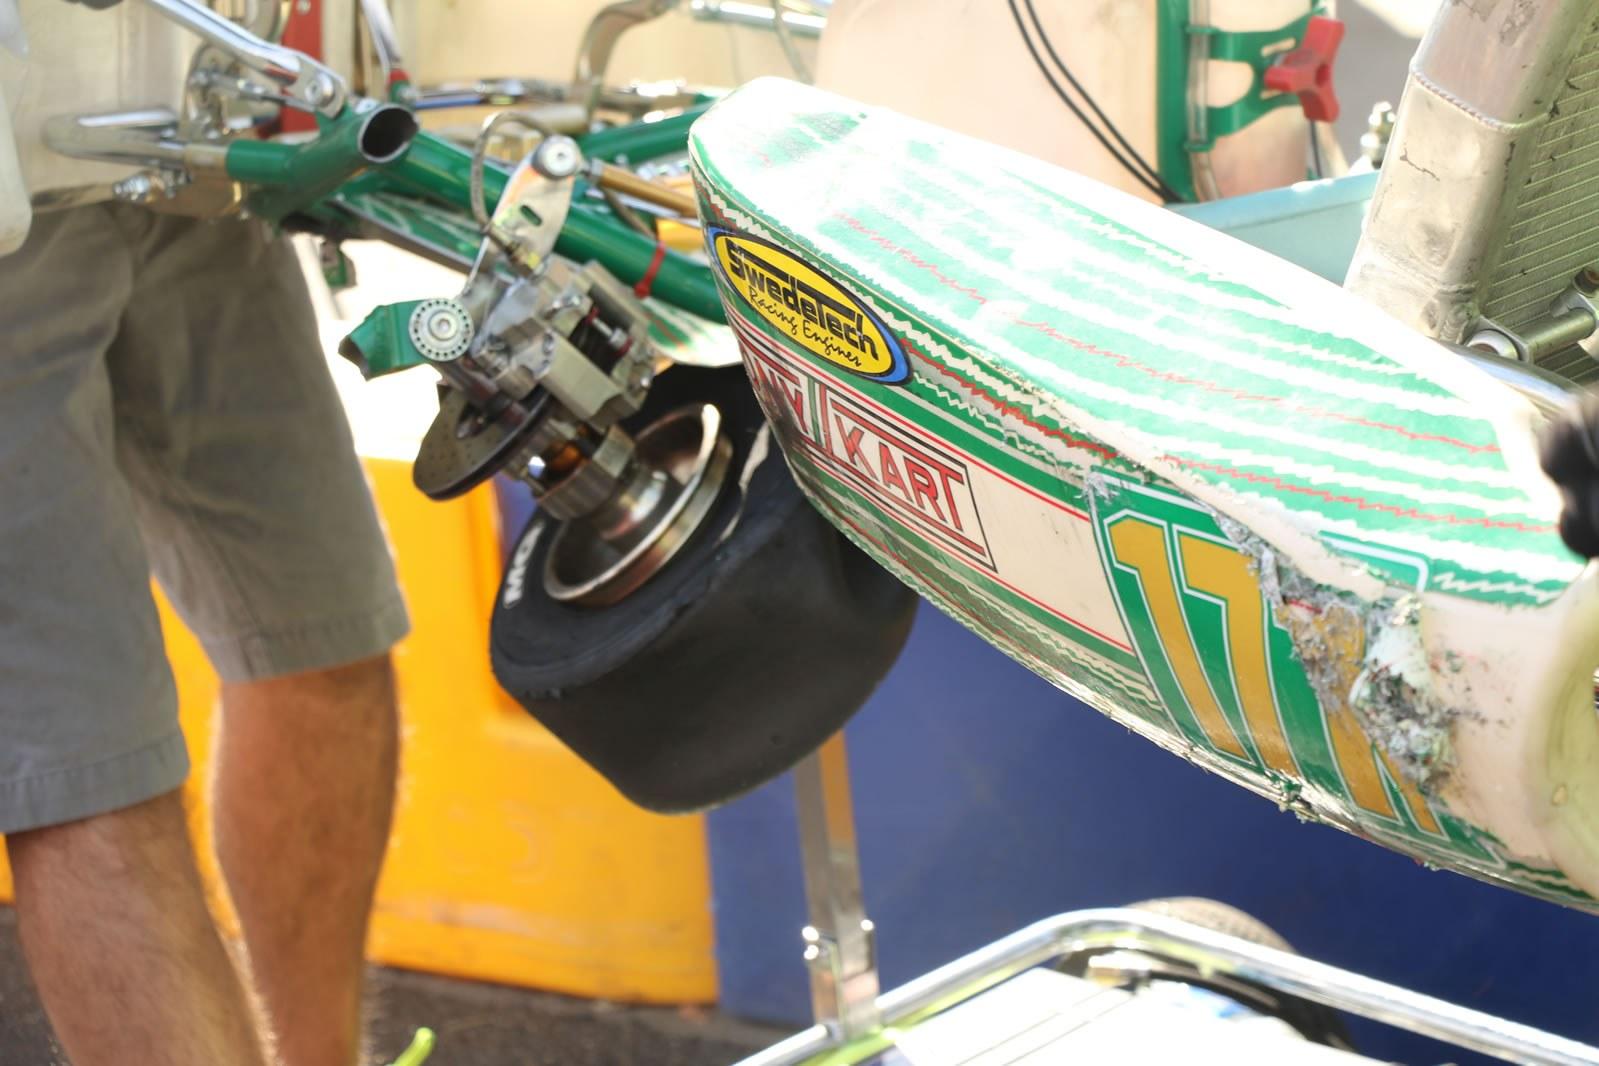 Damanged Tony Kart